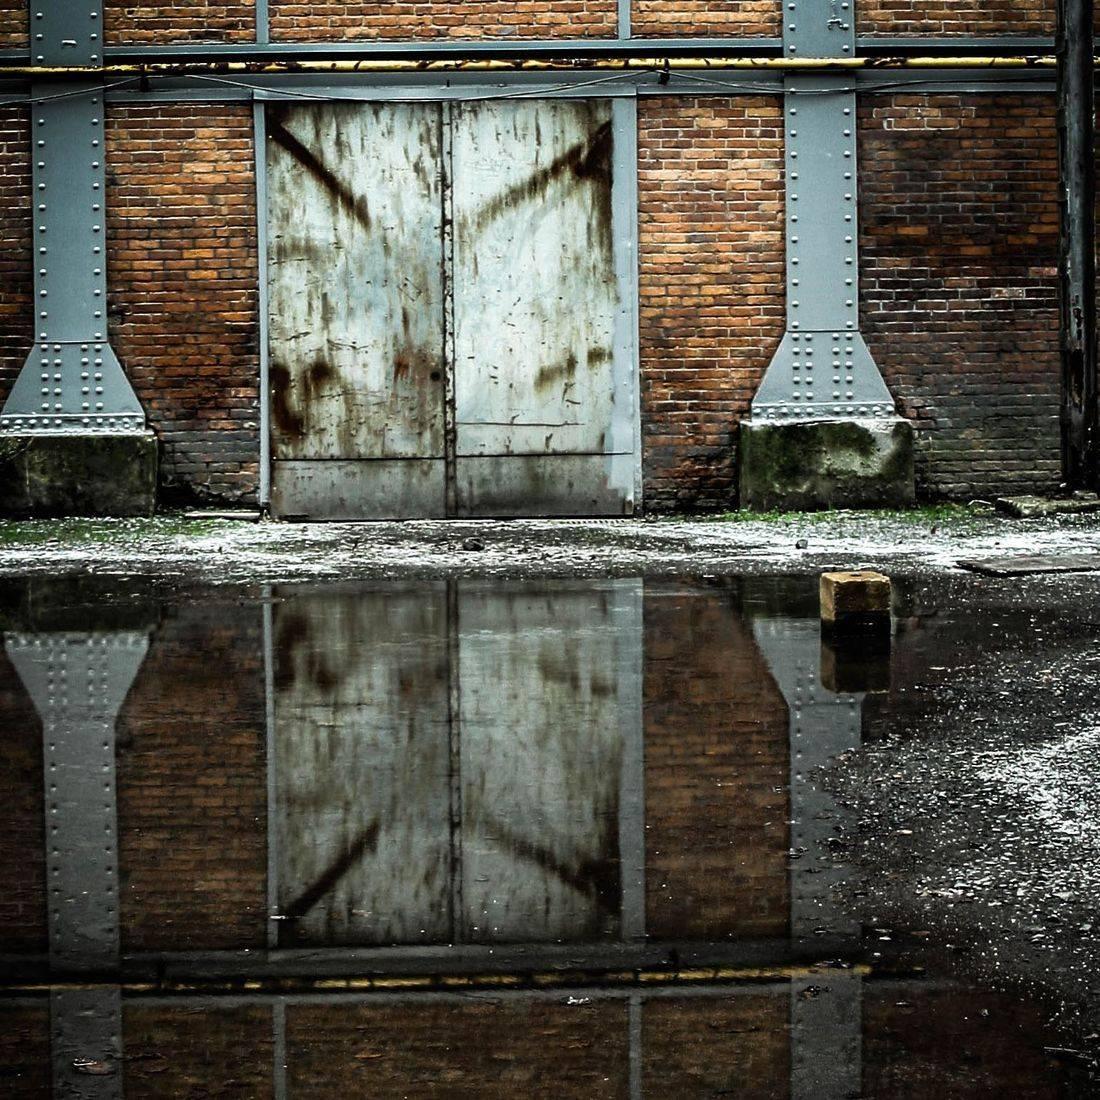 Urbex  PhotographyTransfo Zwevegem